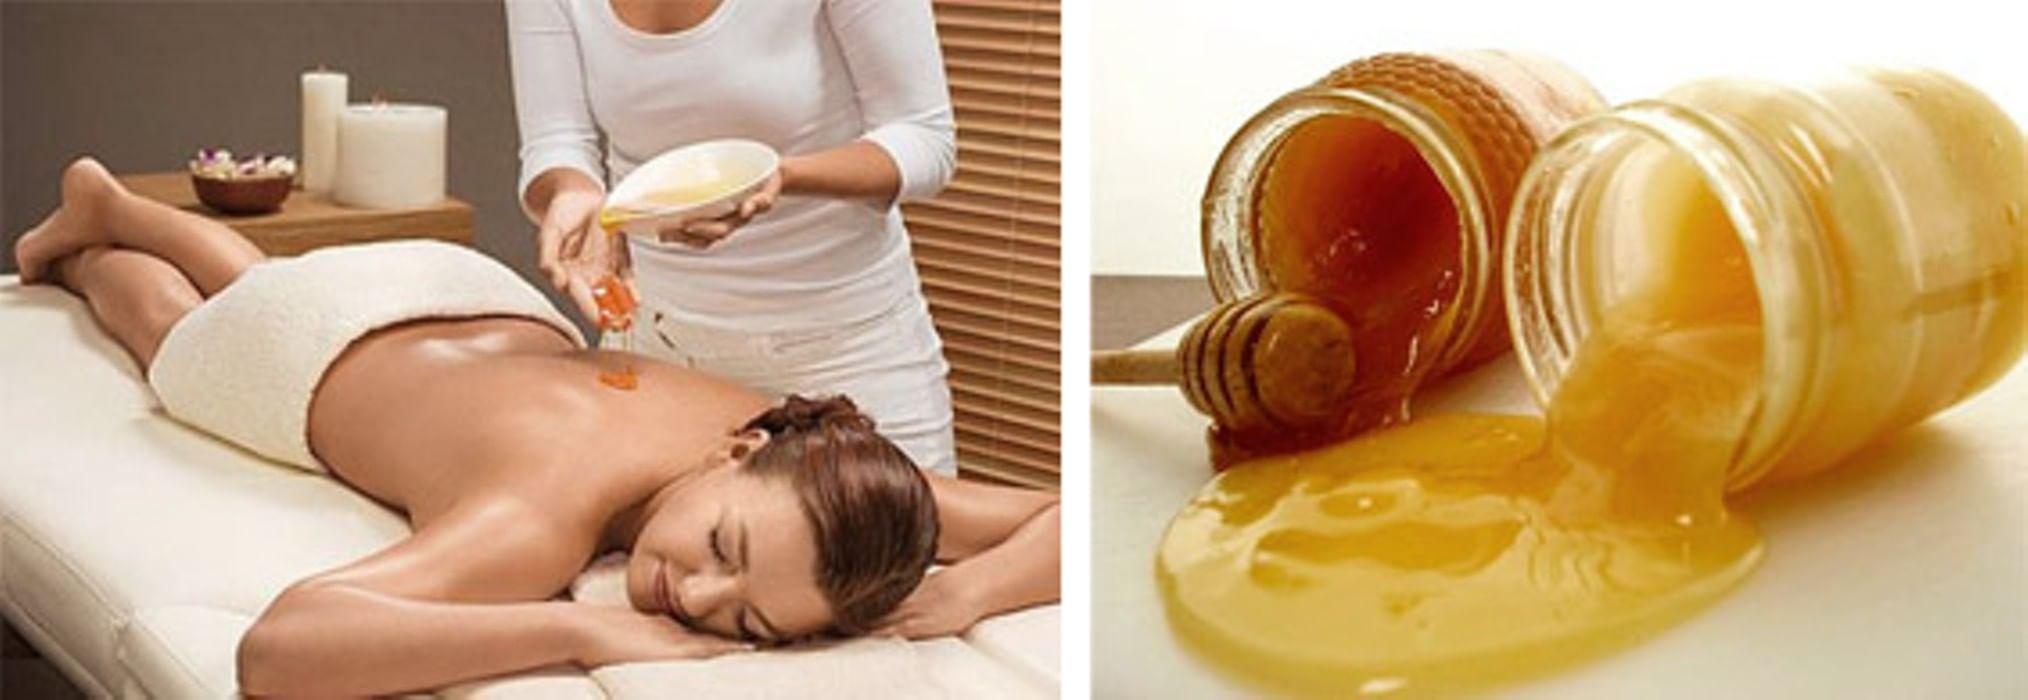 Антицеллюлитный массаж в домашних условиях с мёдом 338